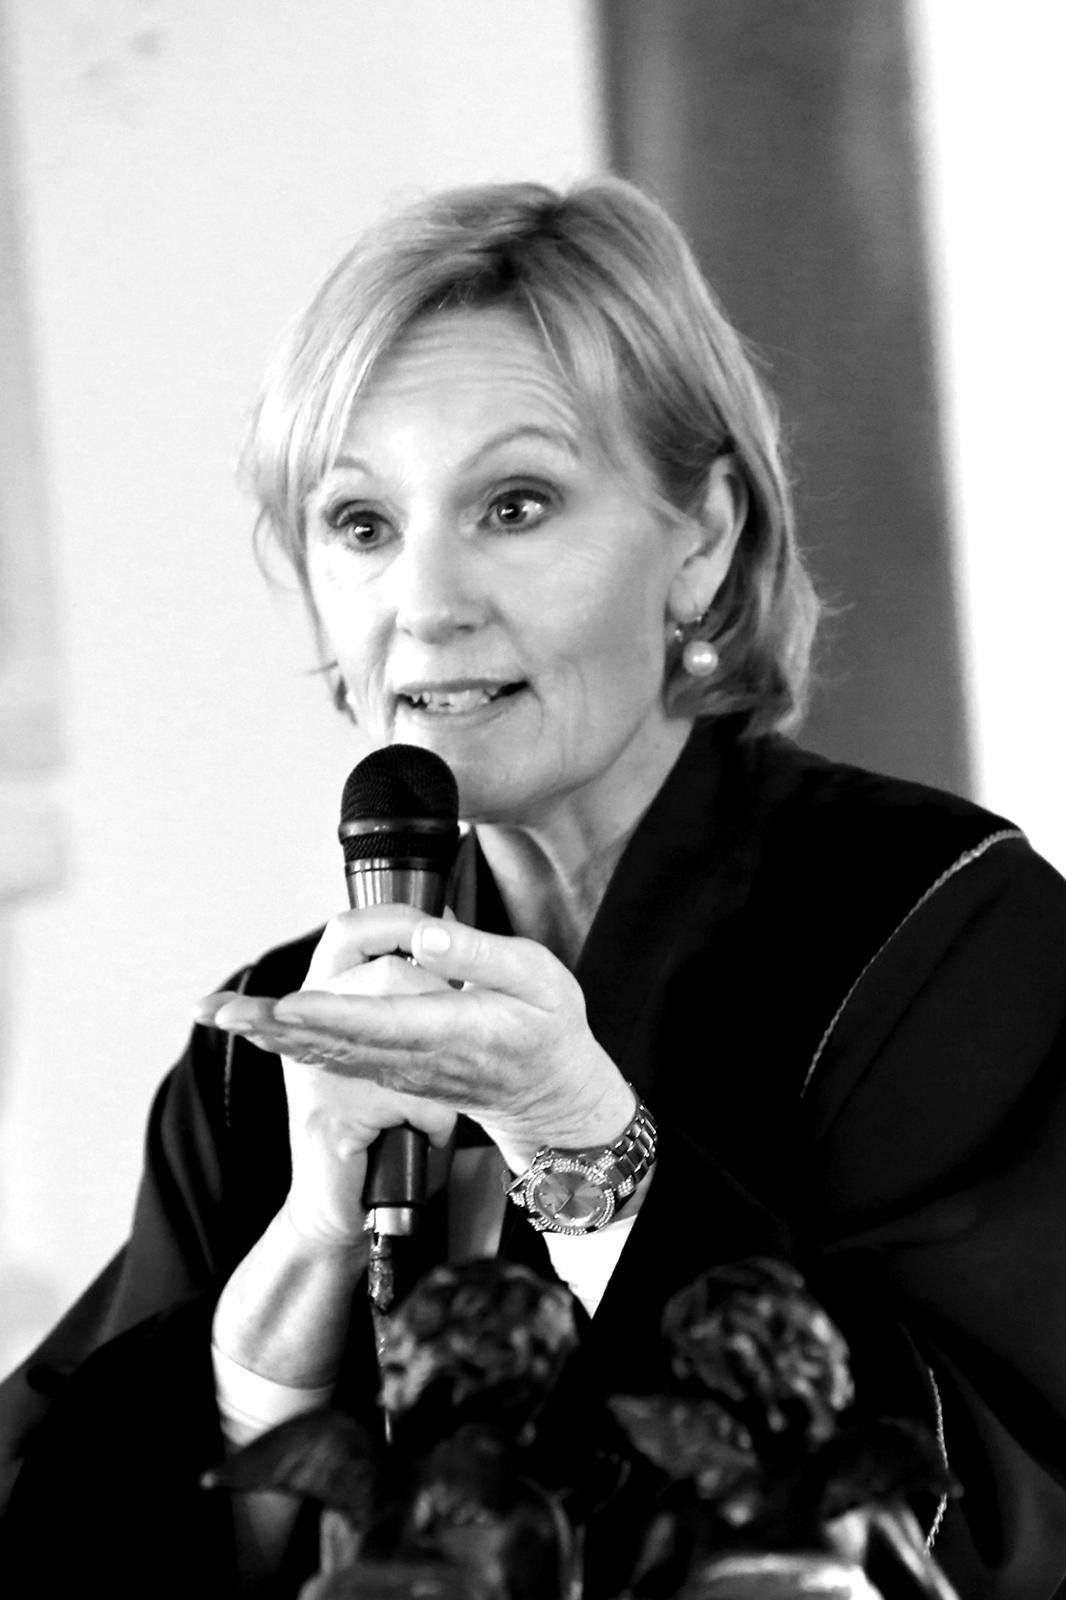 Trouwambtenaar Marie-France Aarnink